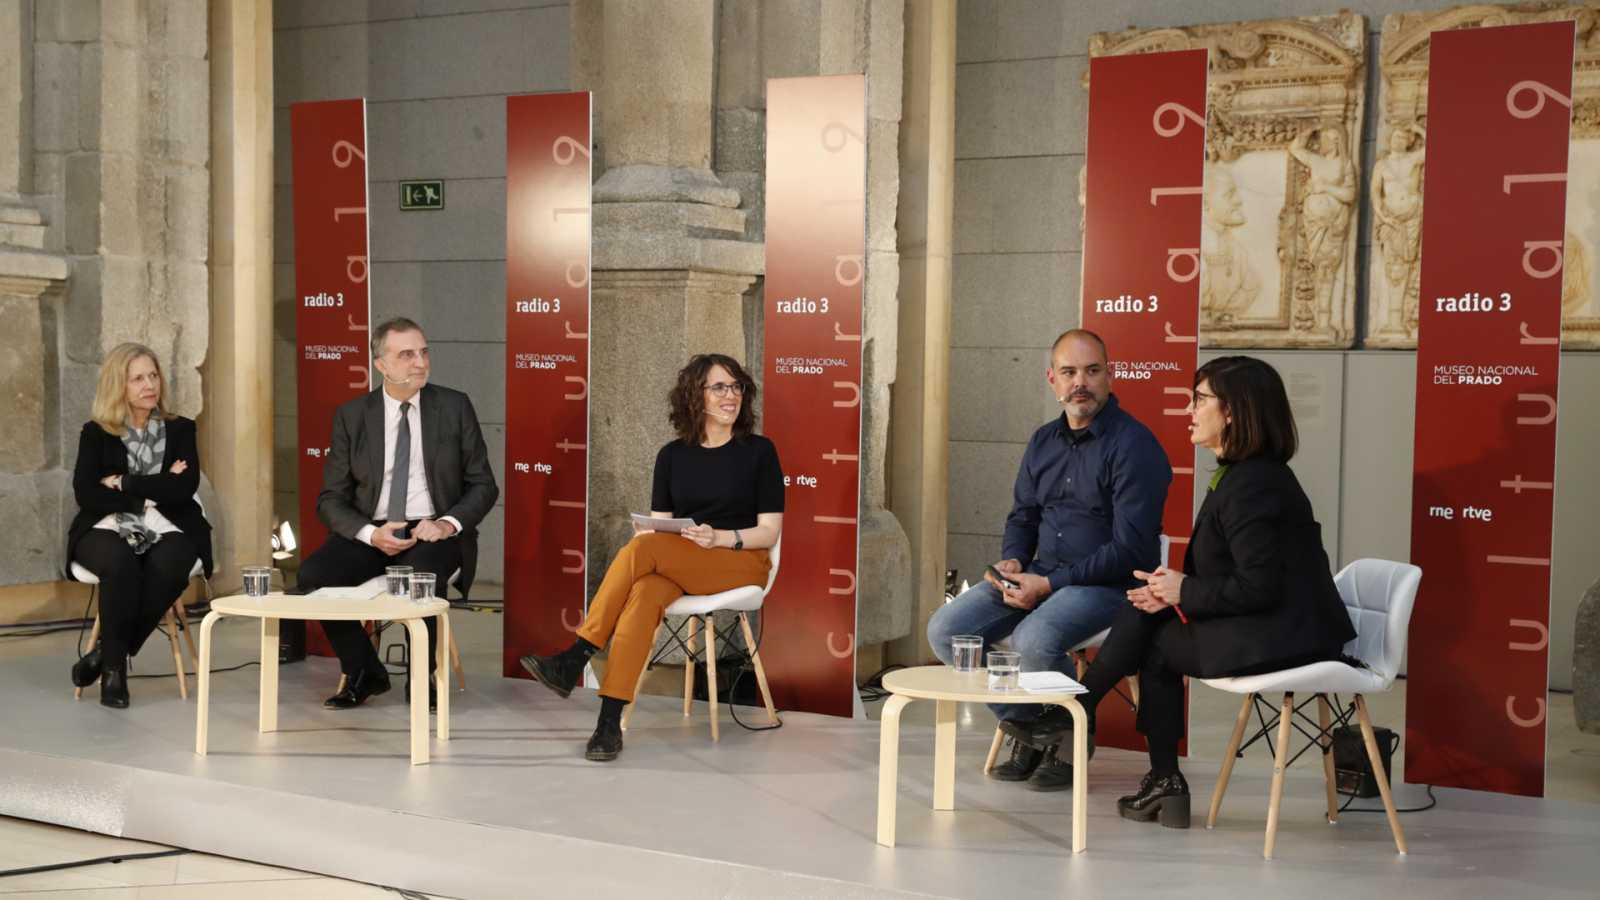 Cultura19 - VÍDEO: Arquitectura - 23/04/19 - Ver ahora